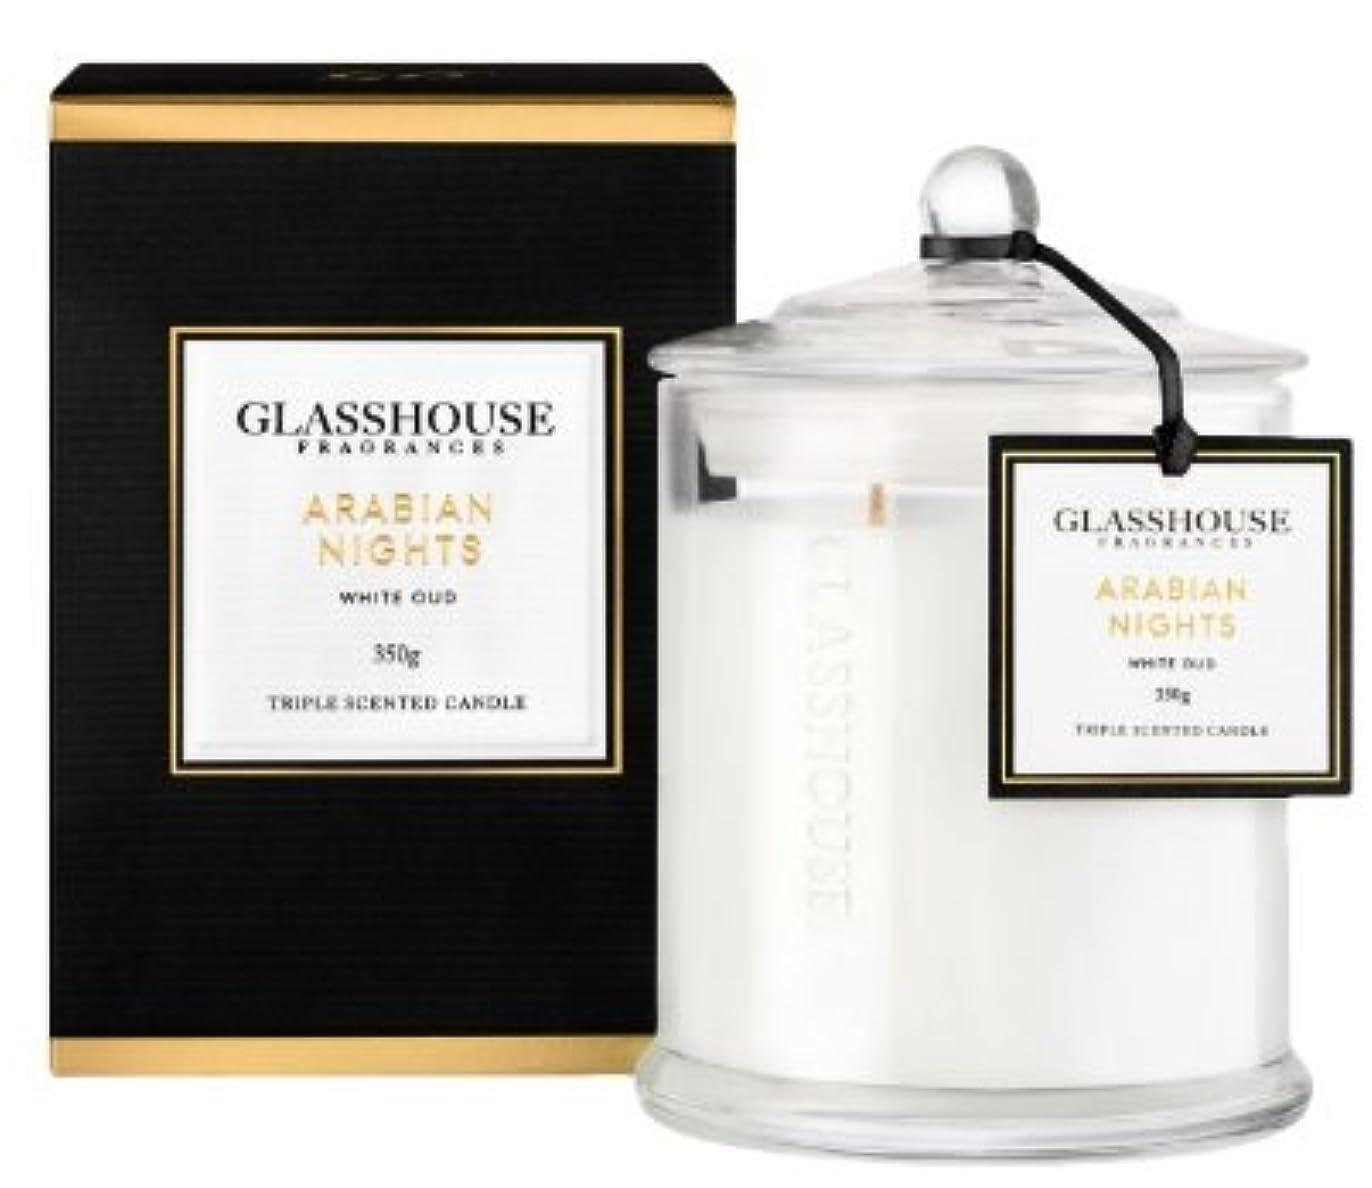 どきどき郵便局からかうグラスハウス GLASSHOUSE アロマキャンドルラージ #ARABIAN NIGHT 350g [並行輸入品]